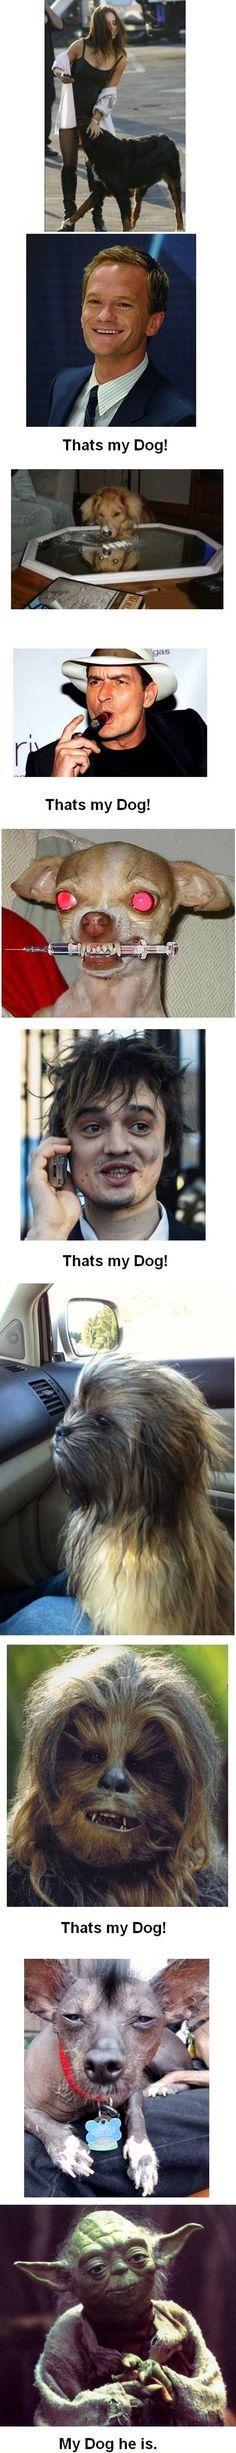 Wie der Hund, so dass Herrchen